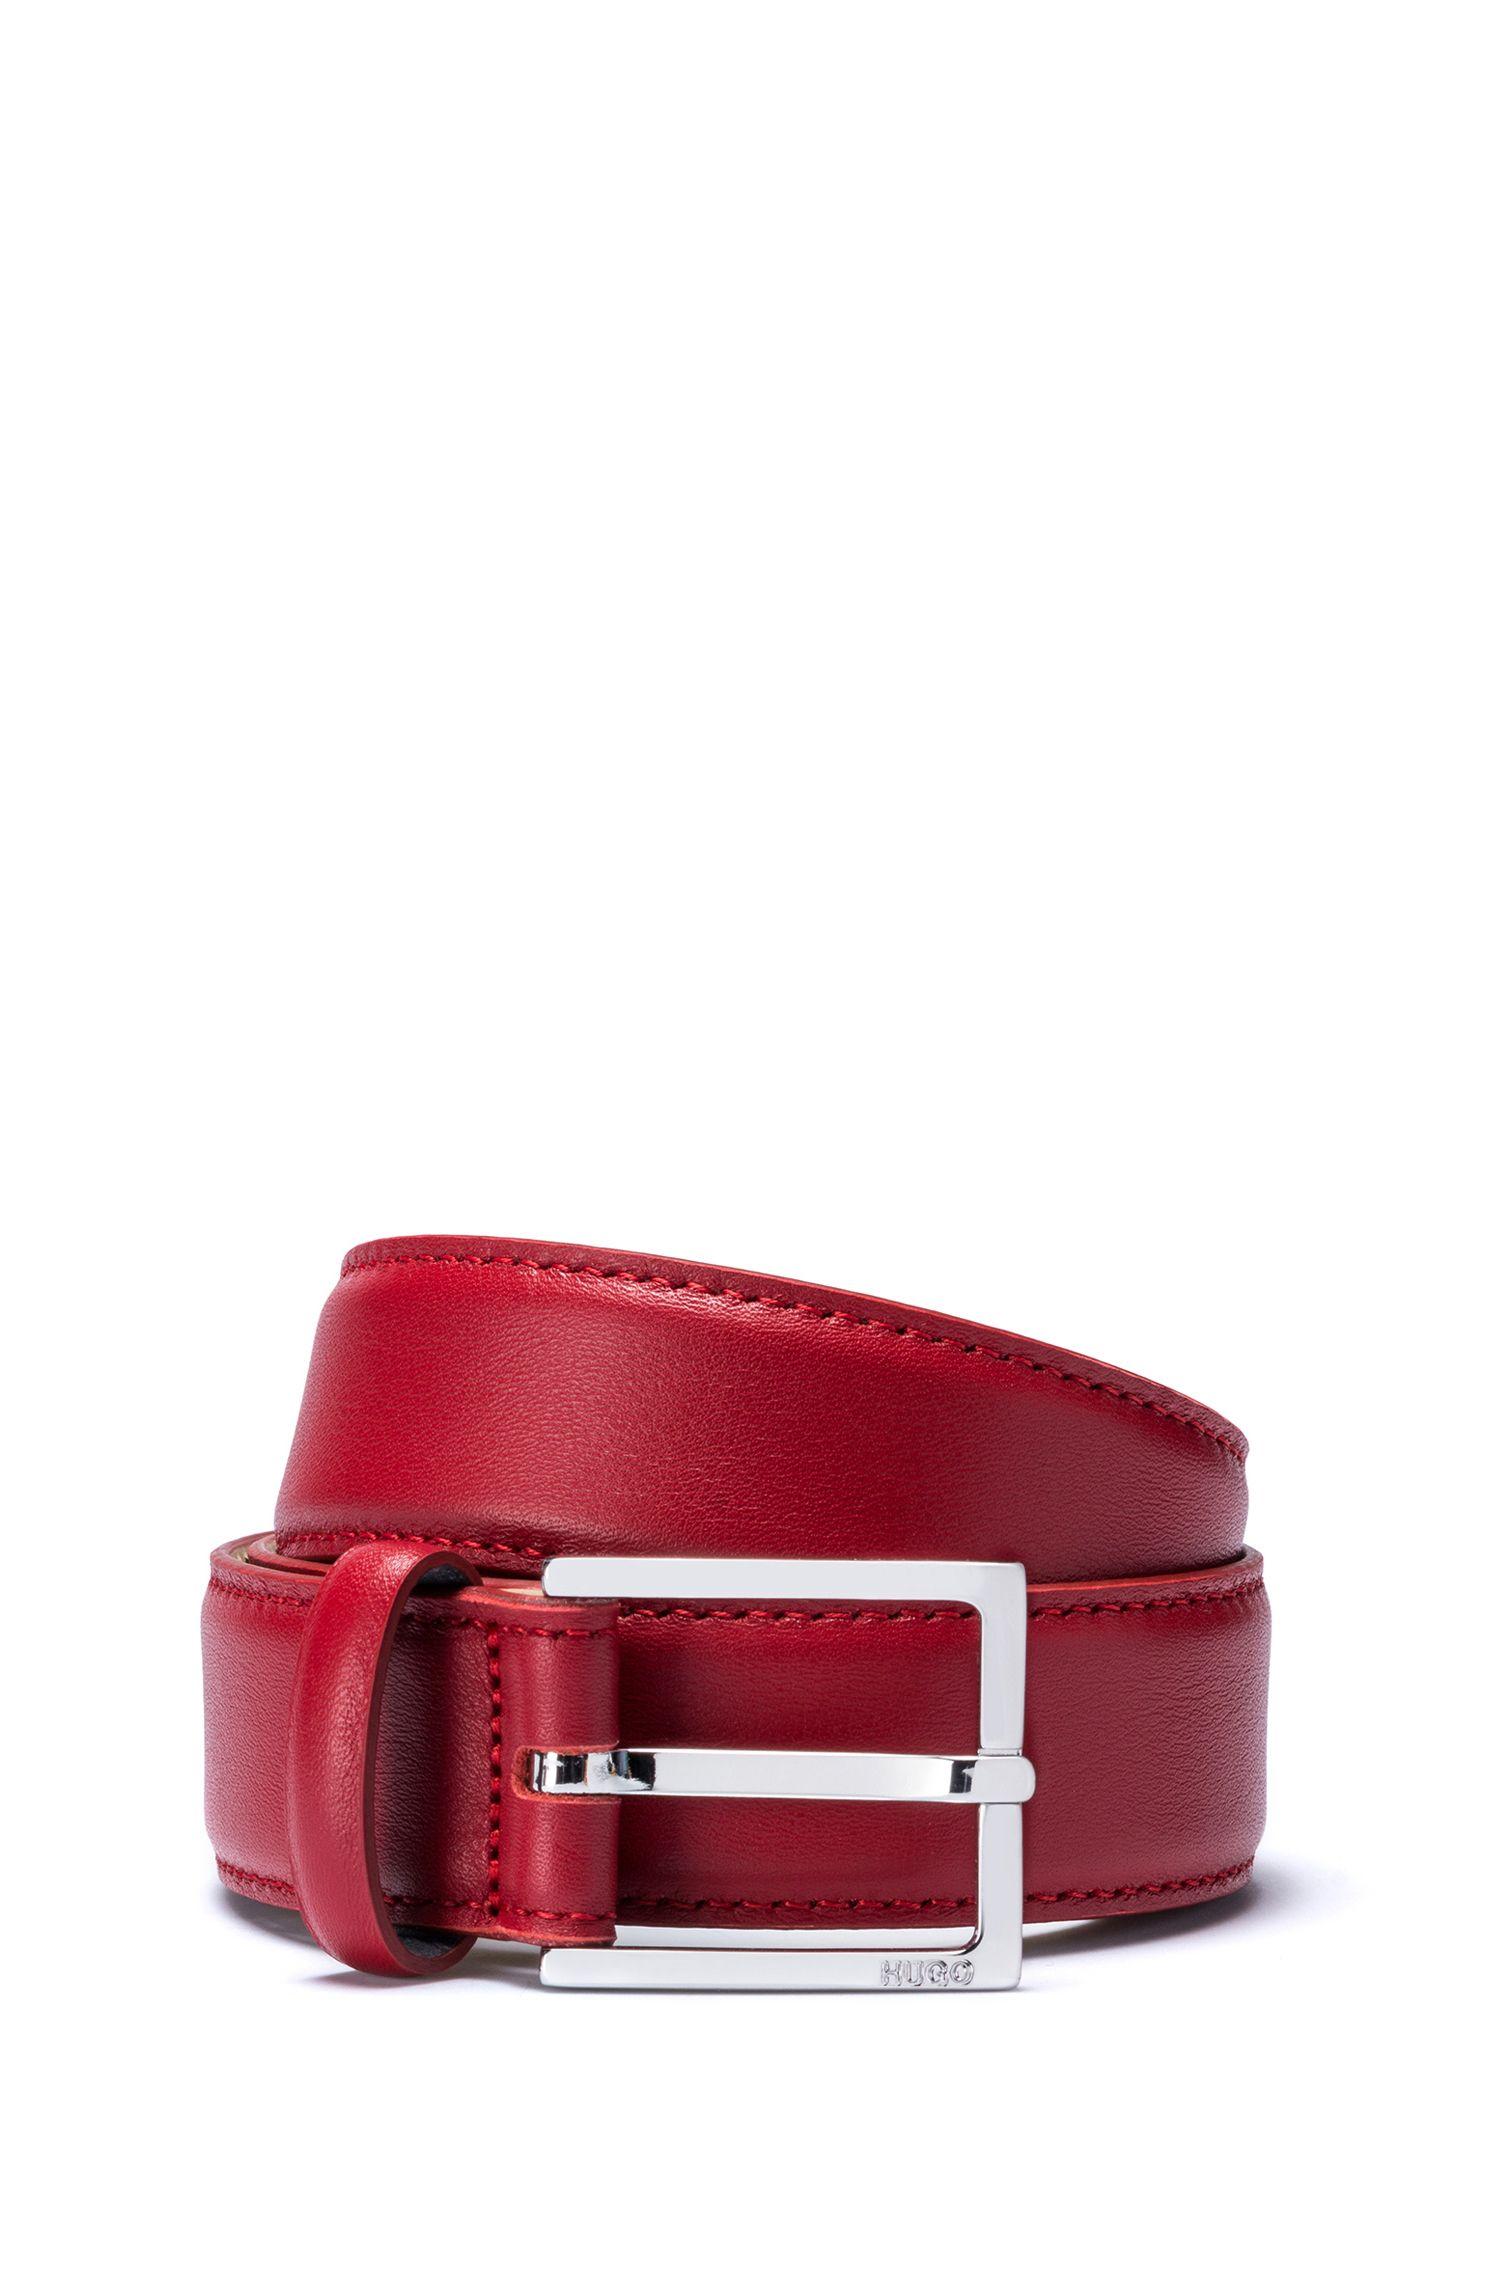 Gürtel aus italienischem Leder mit glänzend polierter Dornschließe